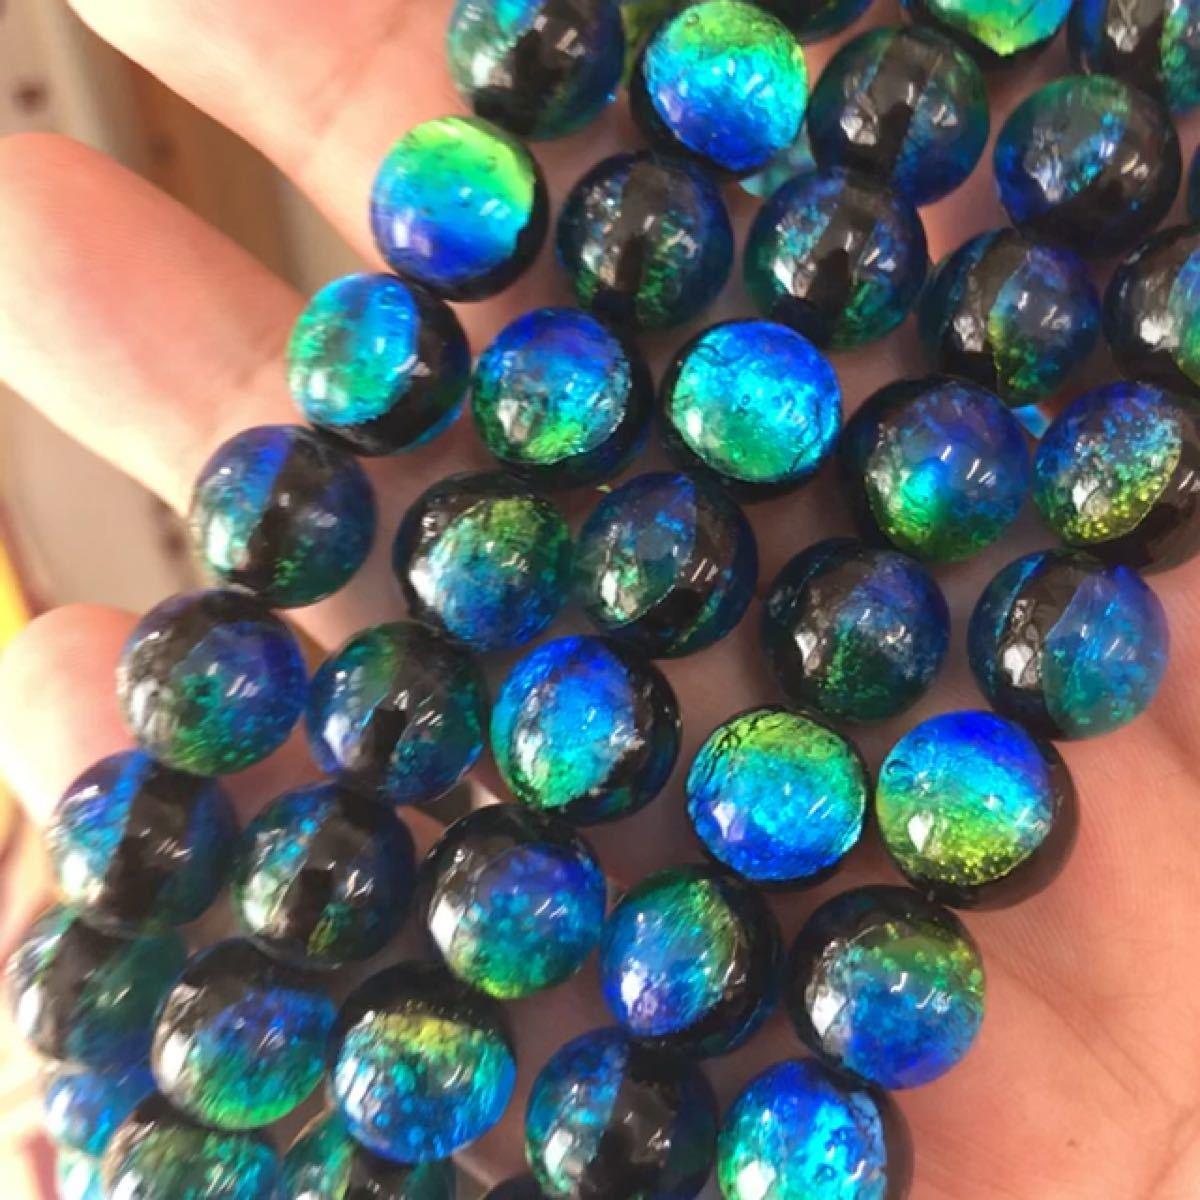 ケラマブルー 12mm 連売り 蓄光 ホタルガラス ブレスレット2本分 33粒 沖縄とんぼ玉